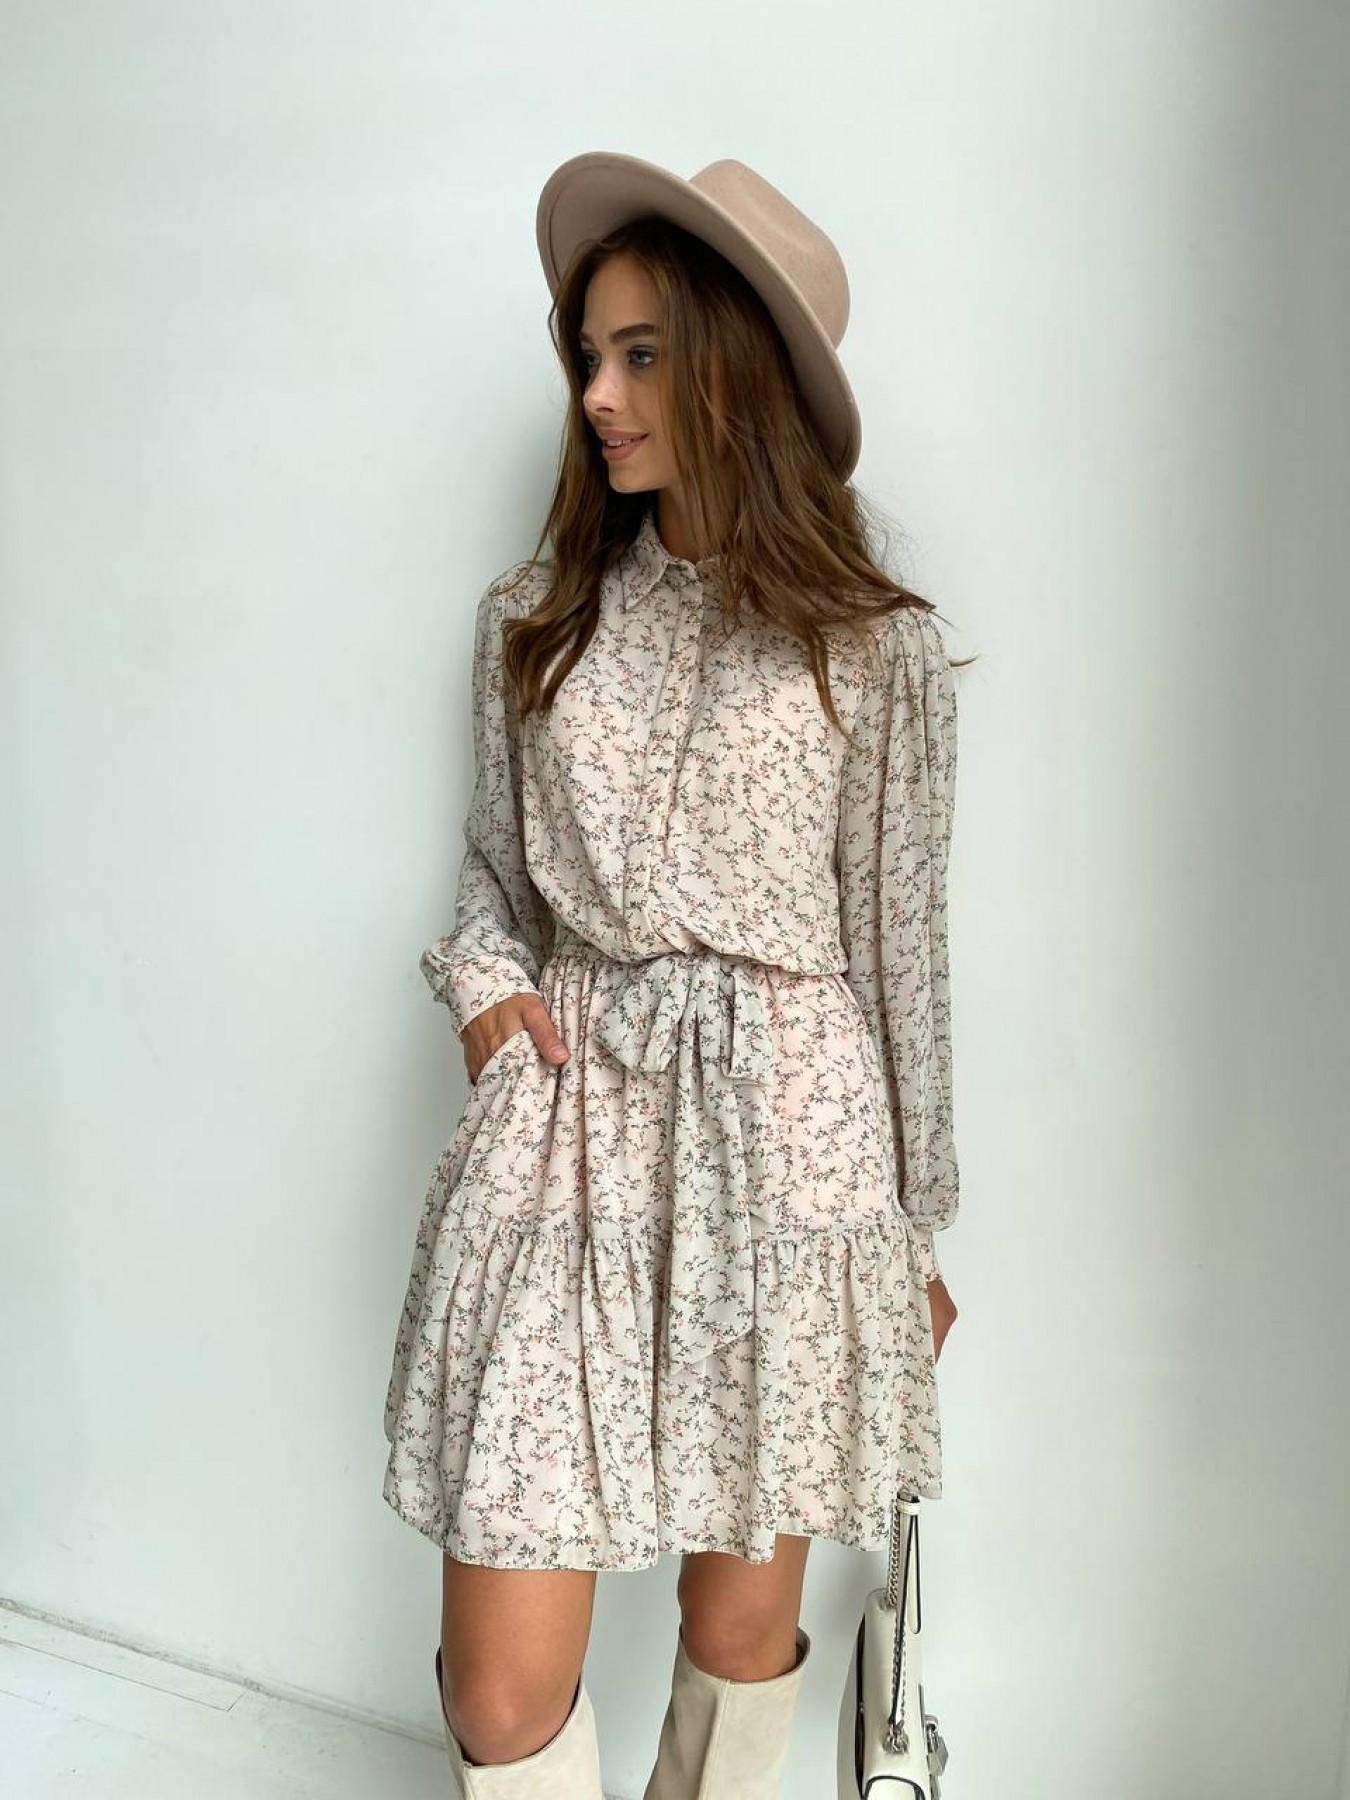 Молизе платье из шифона длиной мини с длинным рукавом в цветочной расцветке 11683 АРТ. 48412 Цвет: Бежевый/букетики - фото 2, интернет магазин tm-modus.ru